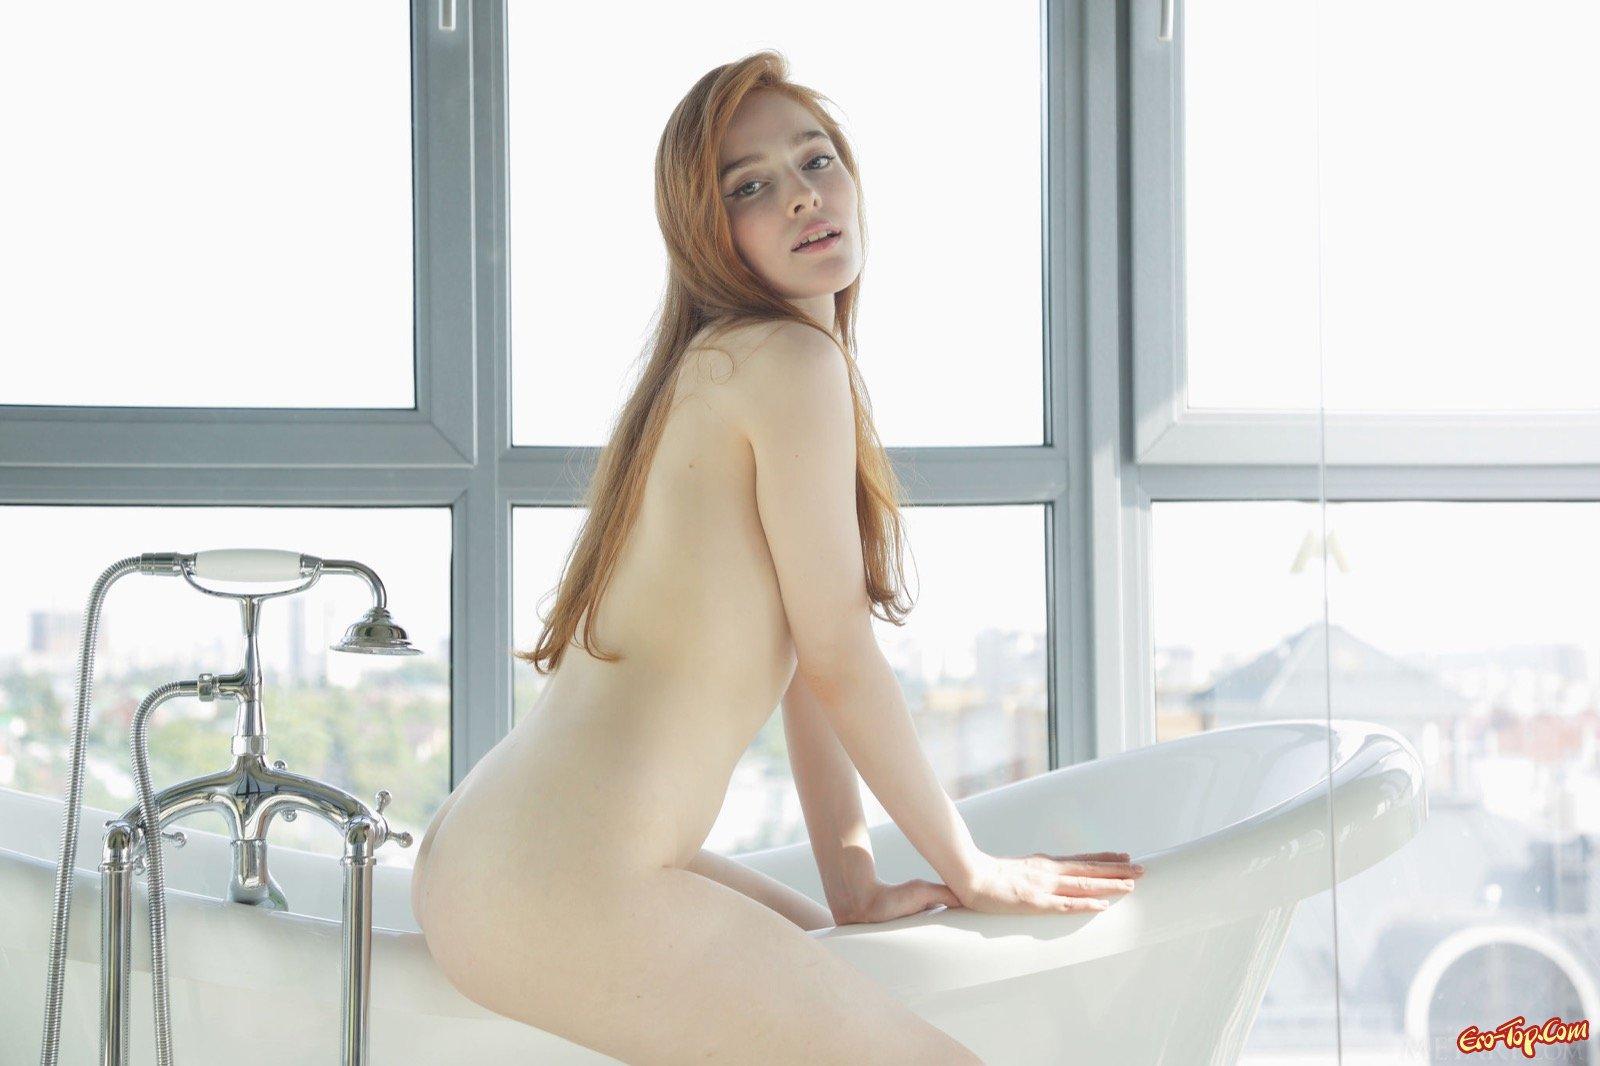 Рыжая красотка обливается голая с душа в ванной